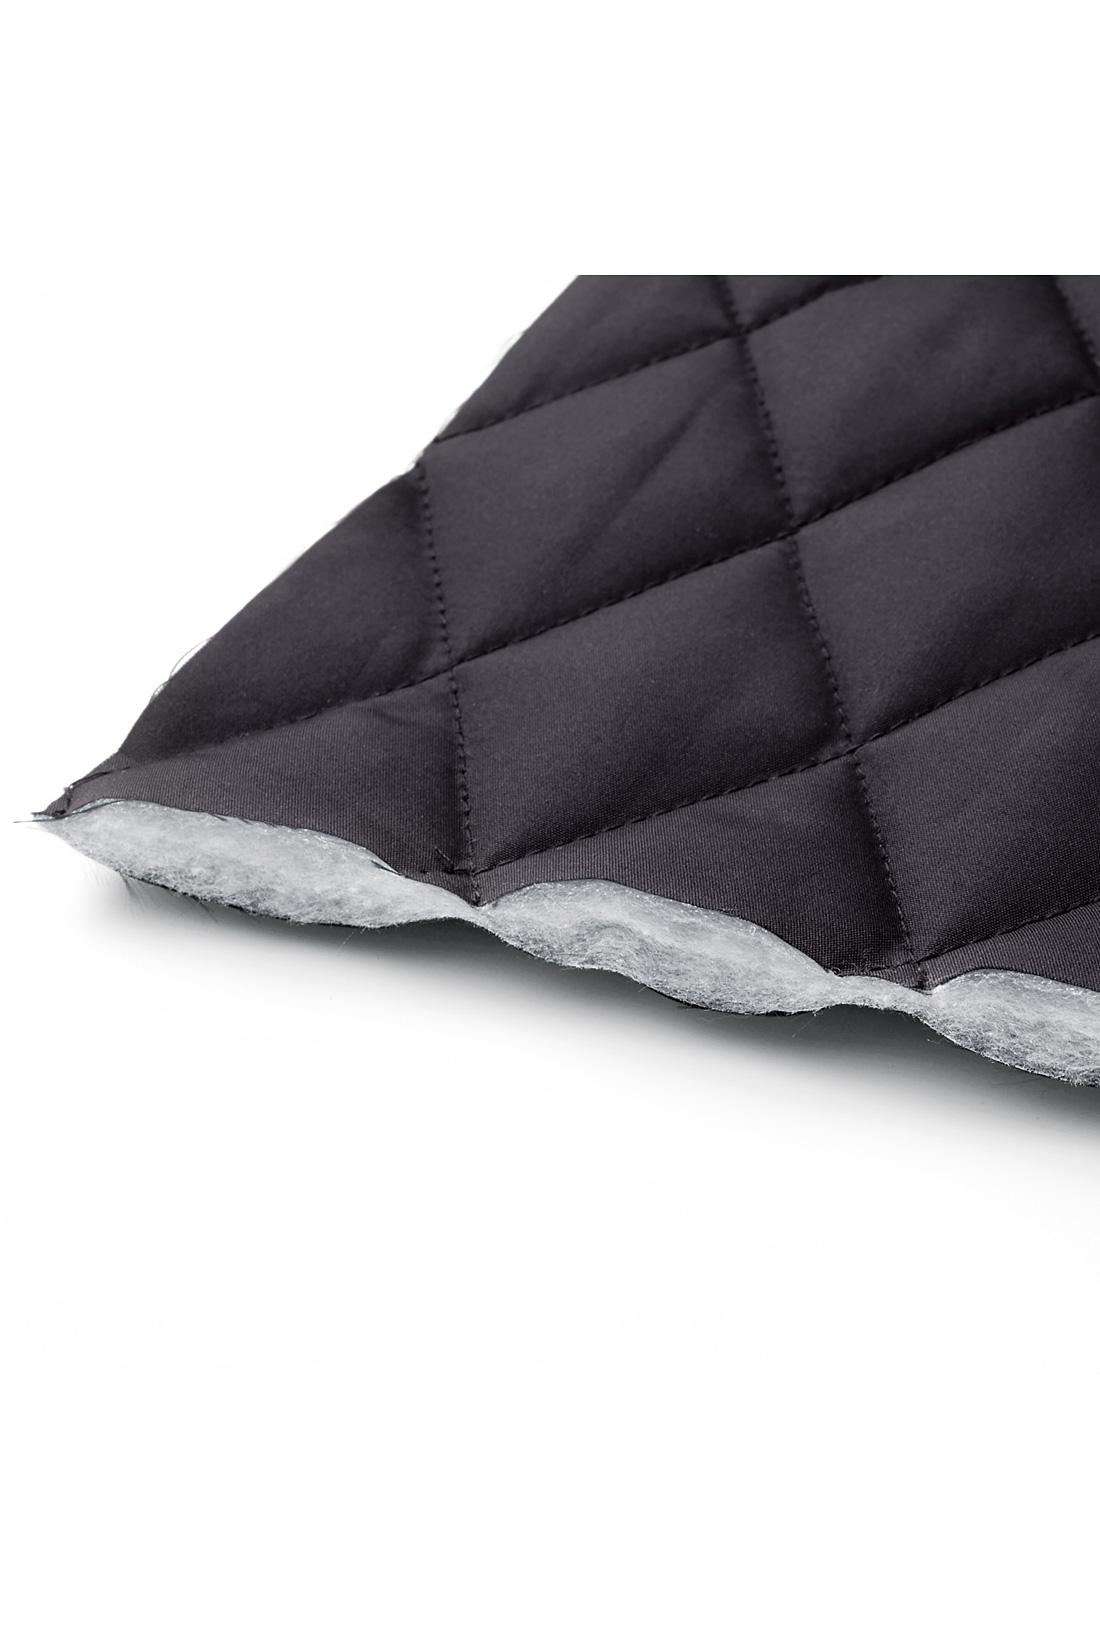 マットな質感のポリエステル素材を用い、中わたには軽量で保温性にすぐれたサーモライトを使用。防寒性能はもちろん、一枚で着たときにもすっきり見える、優美な仕上がり。